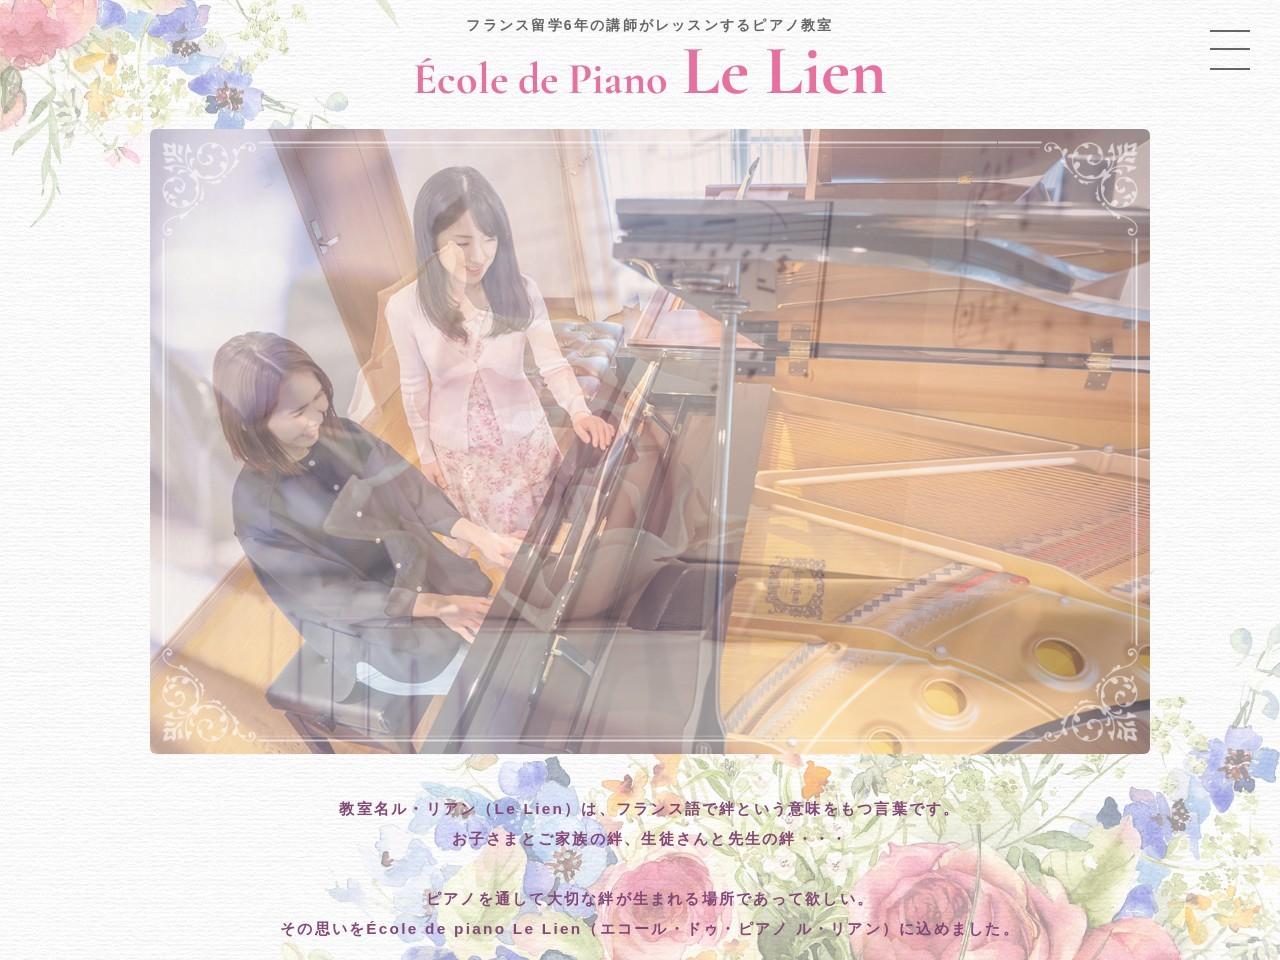 エコール・ドゥ・ピアノ ル・リアンのサムネイル